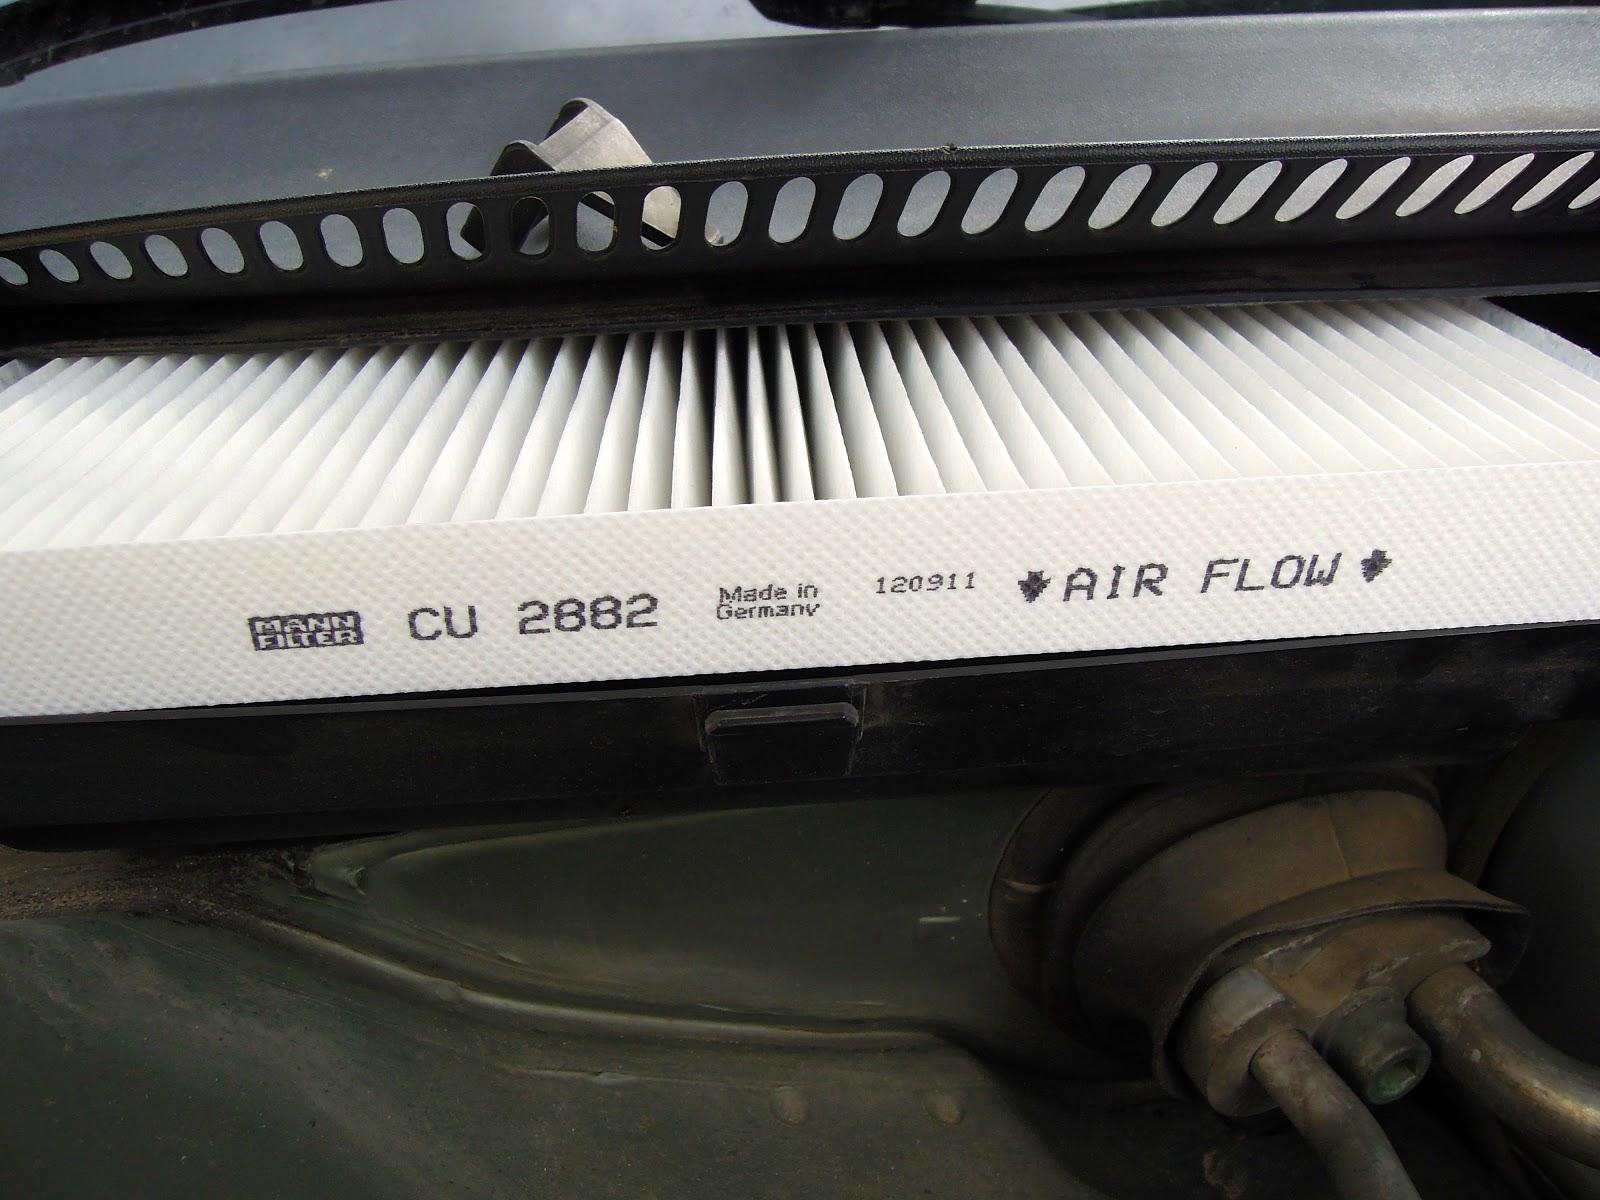 El primero que vamos a cambiar es el filtro antipolen o filtro de habit culo es el encargado del filtrar el aire que sale por las rejillas de climatizaci n